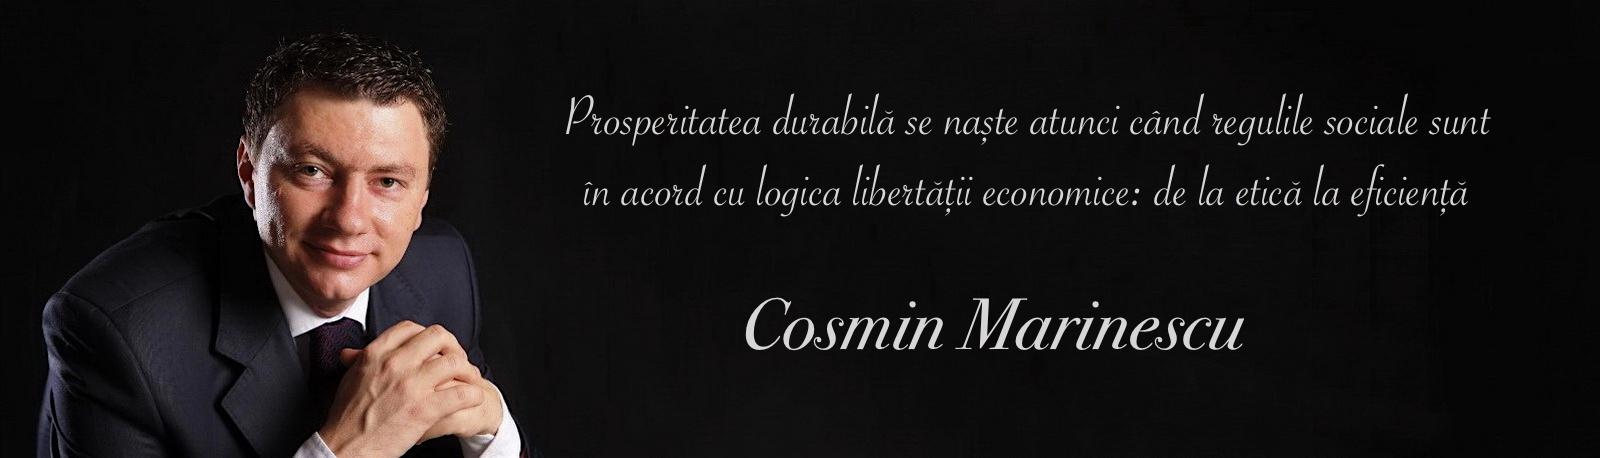 http://cosmin-marinescu.ro/wp-content/uploads/2016/12/Slide-2.jpg